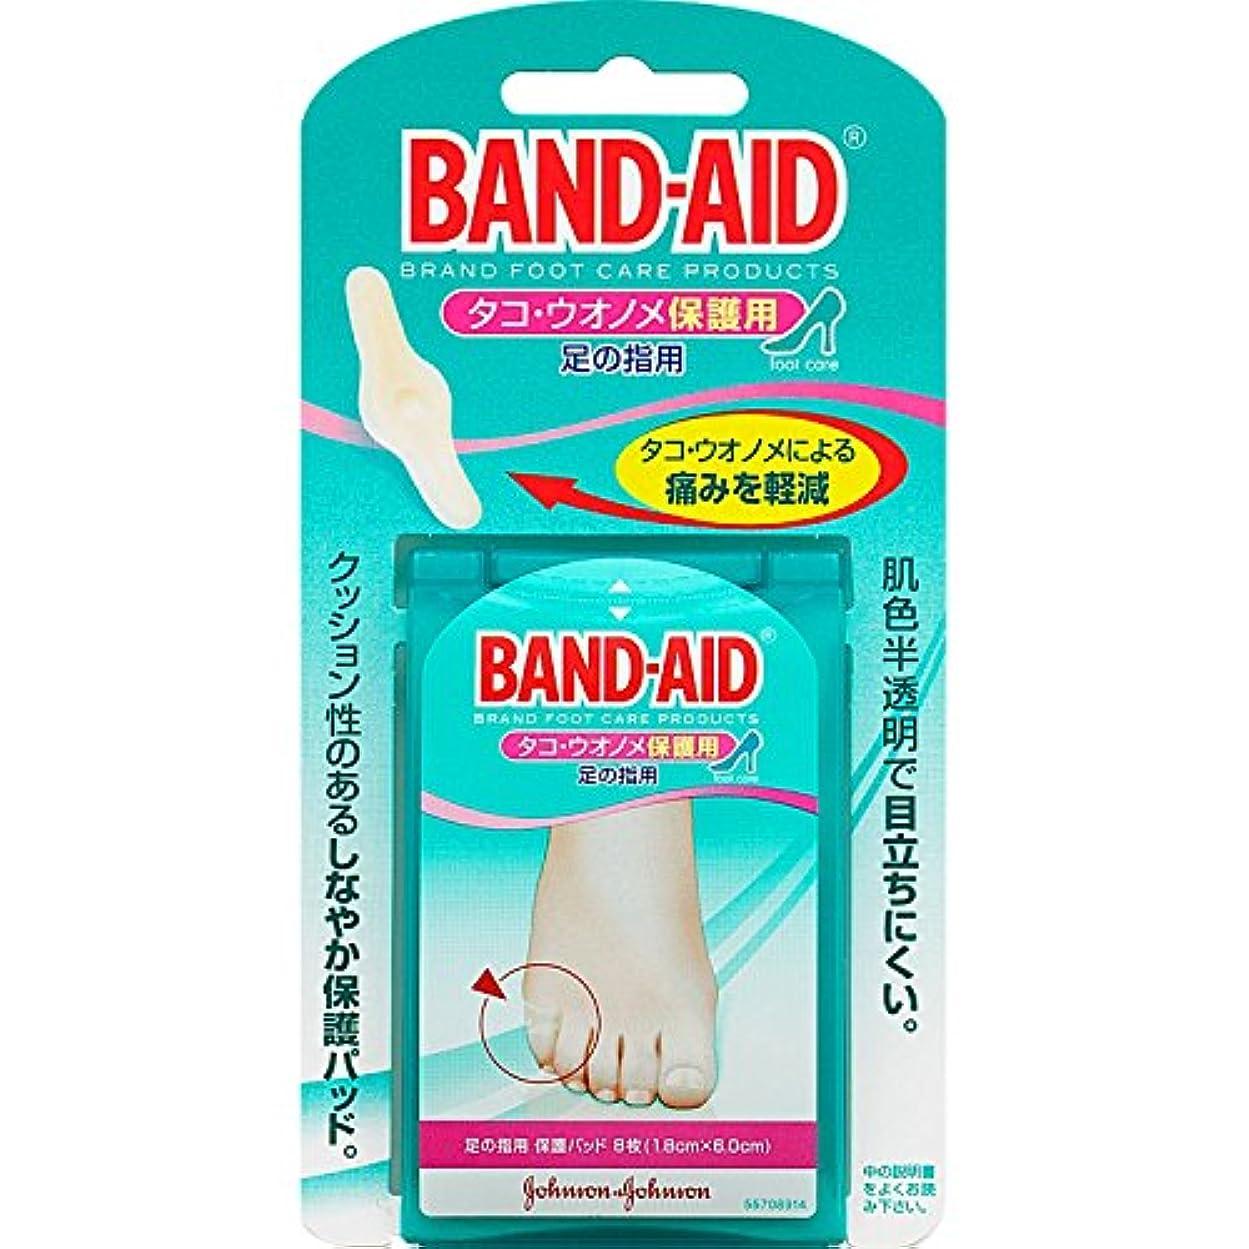 パズル打撃解決するBAND-AID(バンドエイド) タコ?ウオノメ保護用 足の指用 8枚